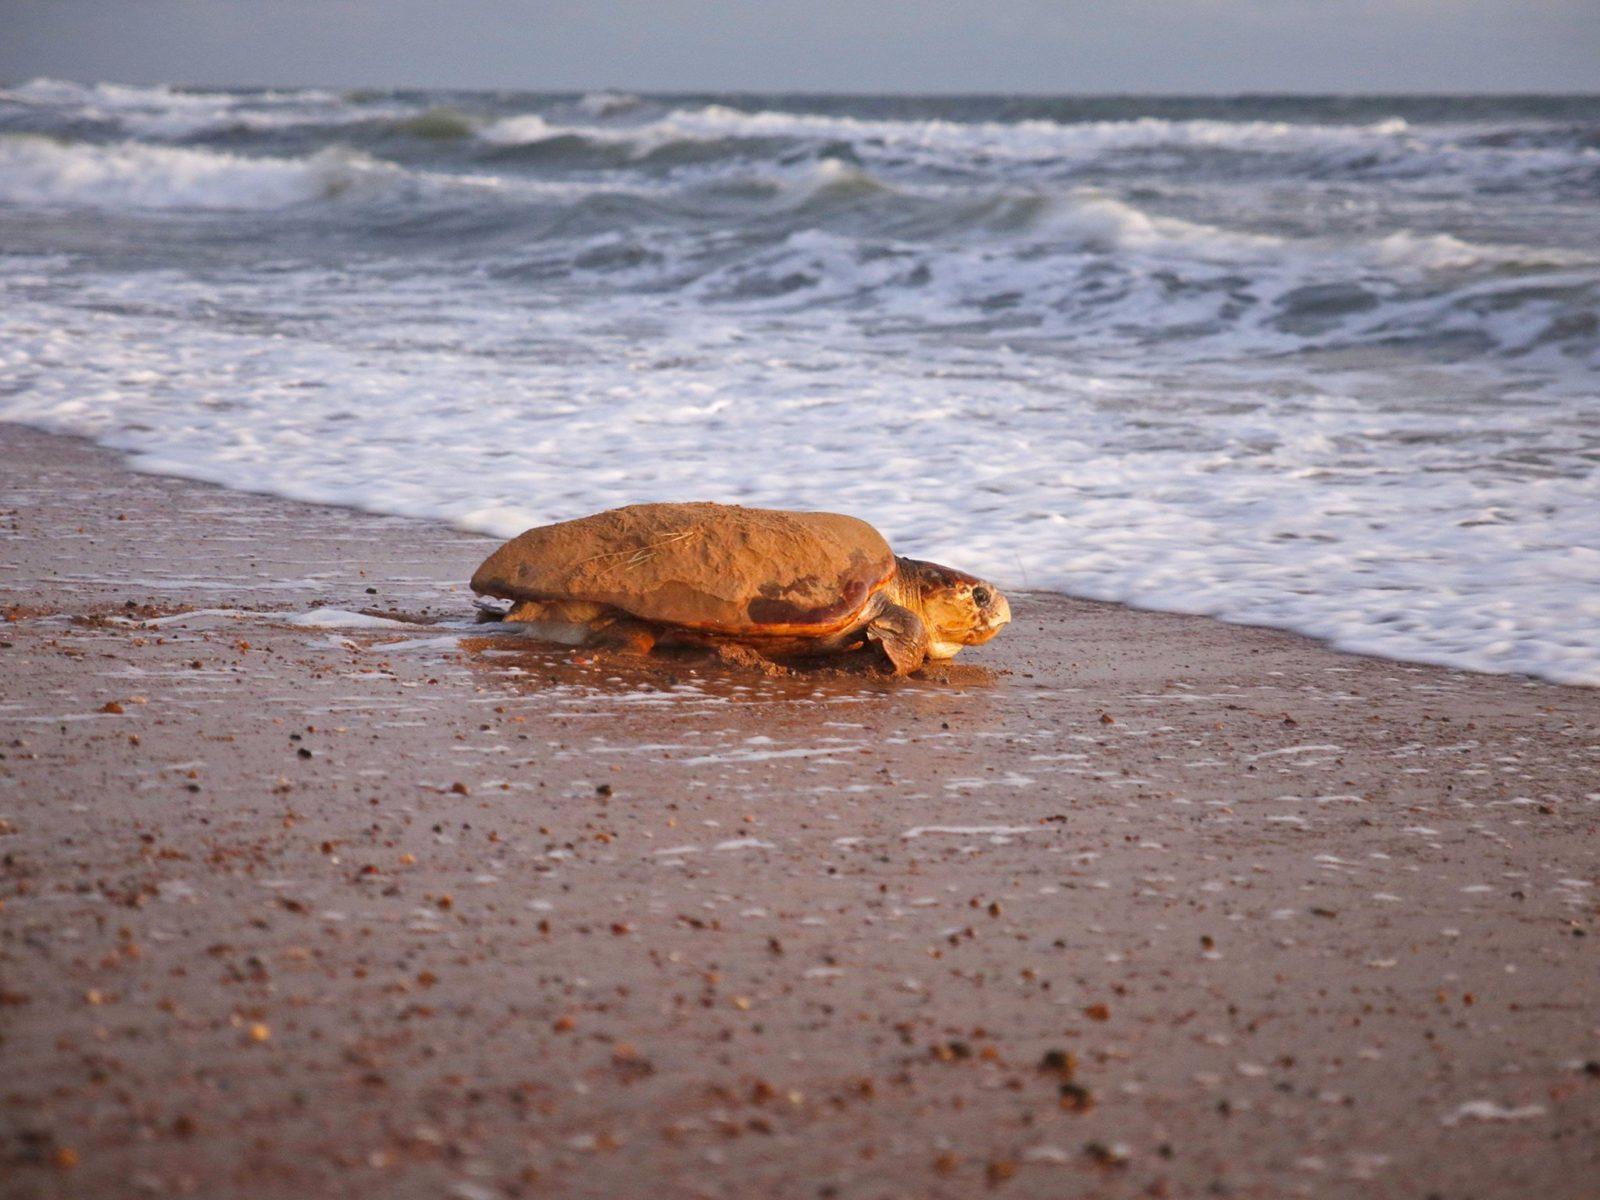 Loggerhead turtle on beach.